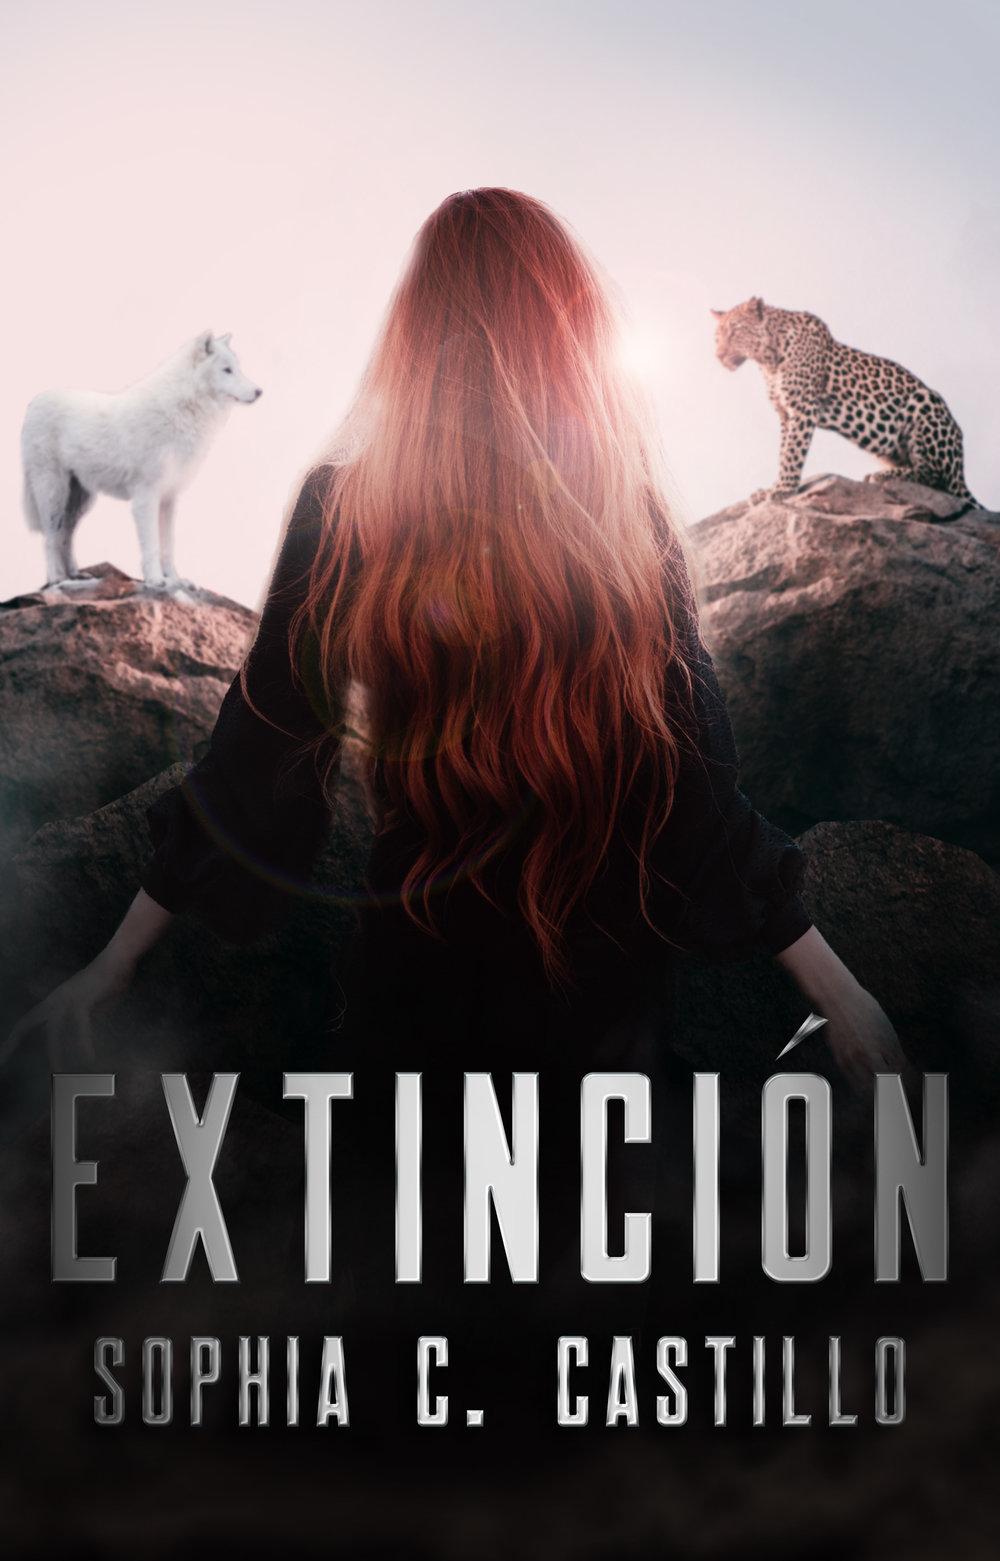 ExtincionCover3.jpg